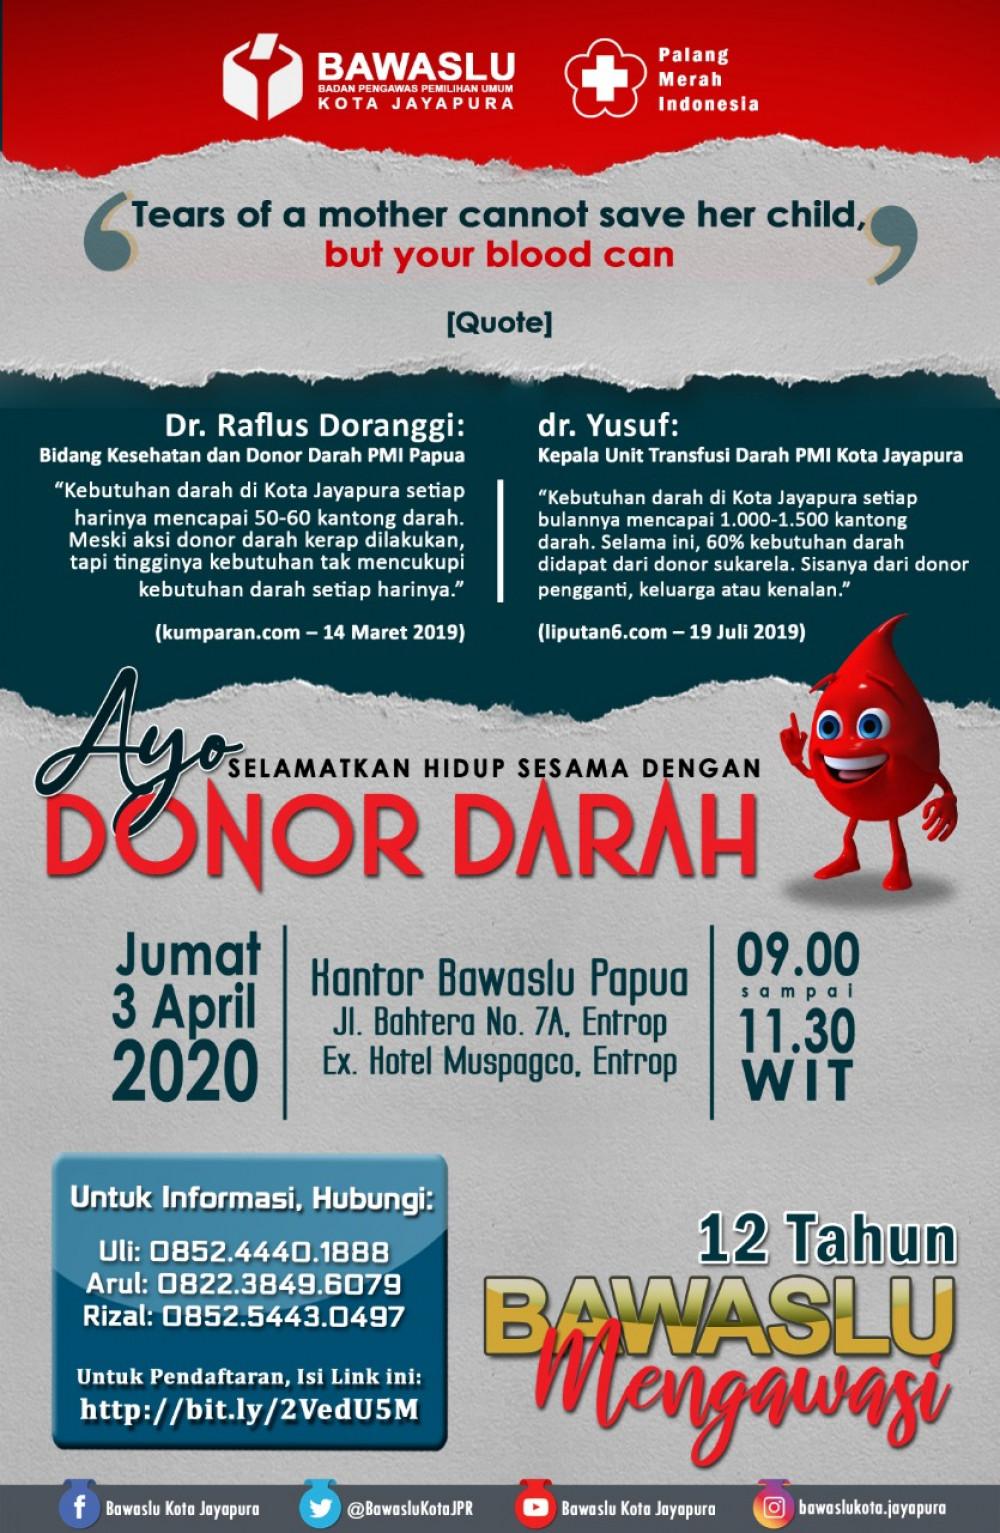 Donor Darah Bawaslu Kota Jayapura